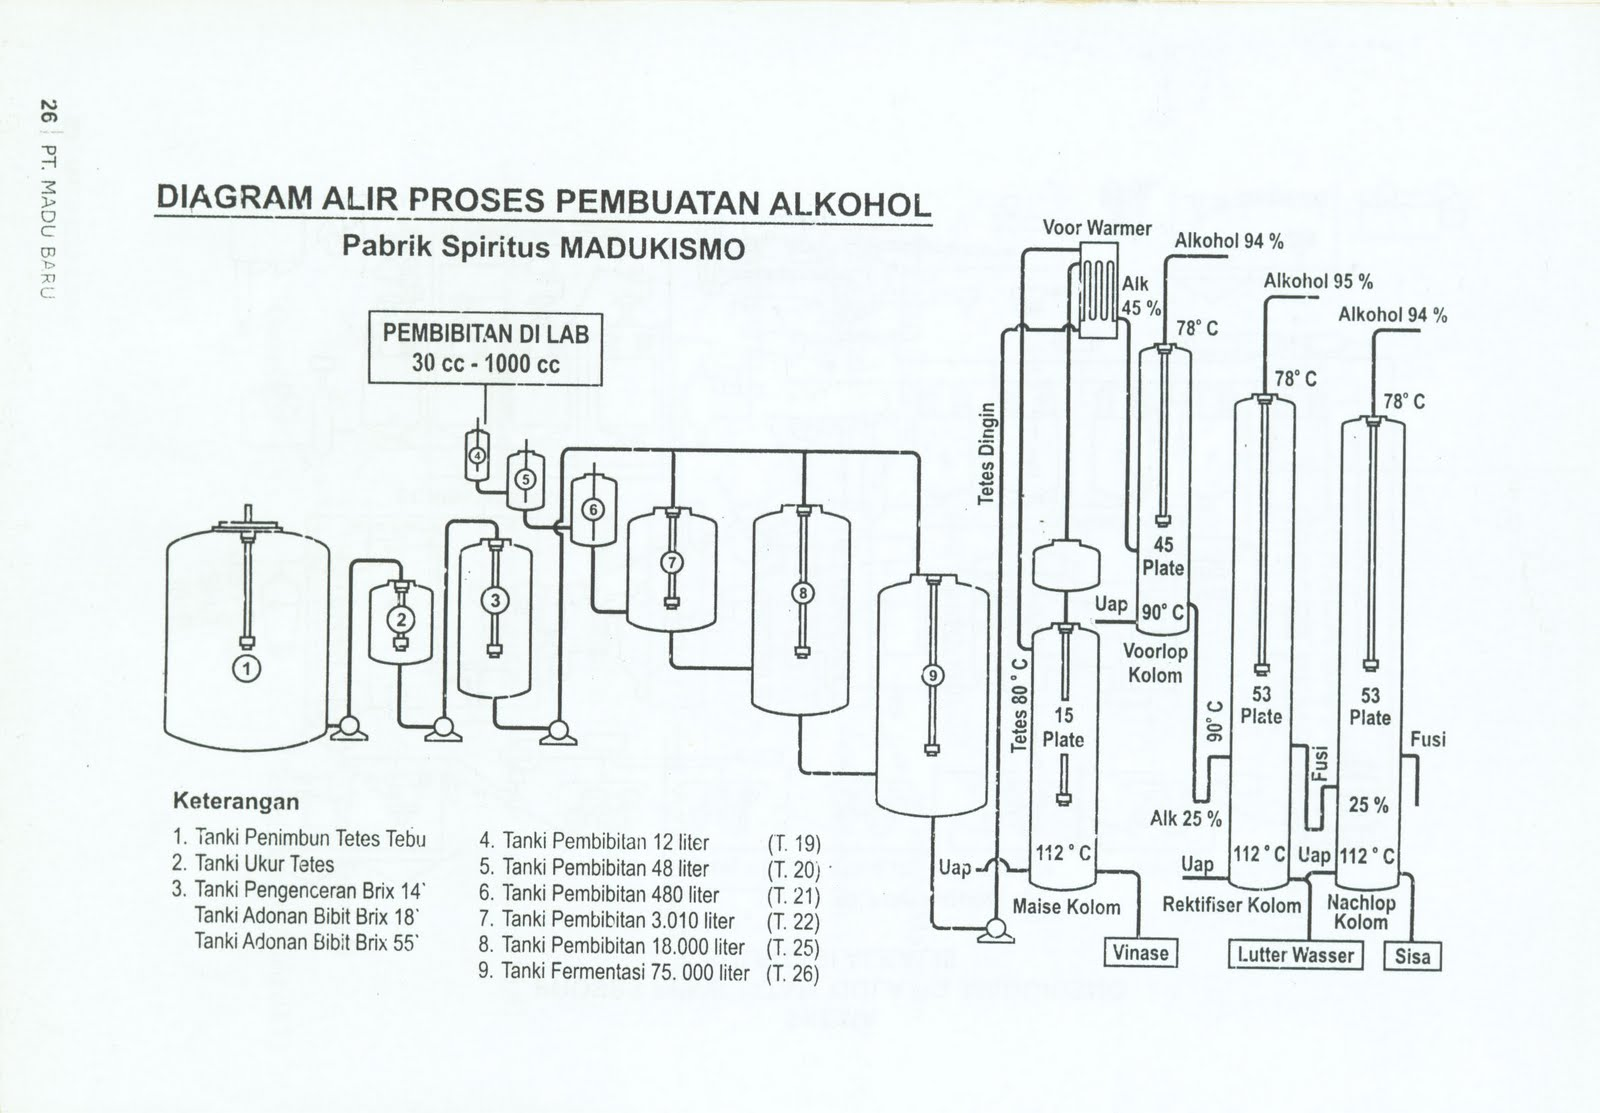 Bioteknologi pembuatan bioetanol di pgps madukismo diagram alir pembuatan alkohol ps madukismo ccuart Choice Image